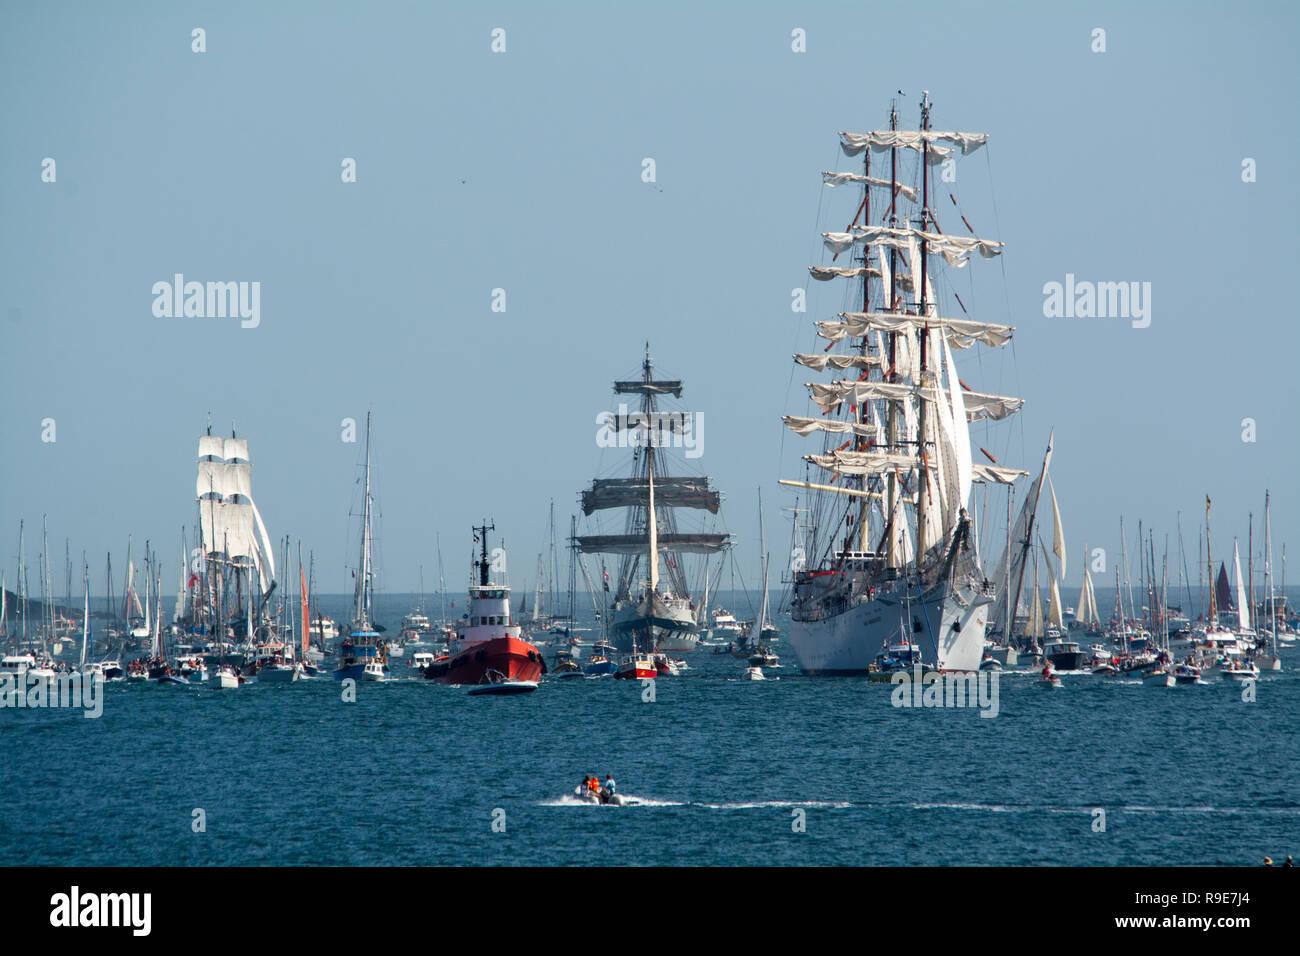 Eine Flotte von Yachten in Falmouth für die Abfahrt der Großsegler, die auf dem Weg nach Greenwich. Stockfoto